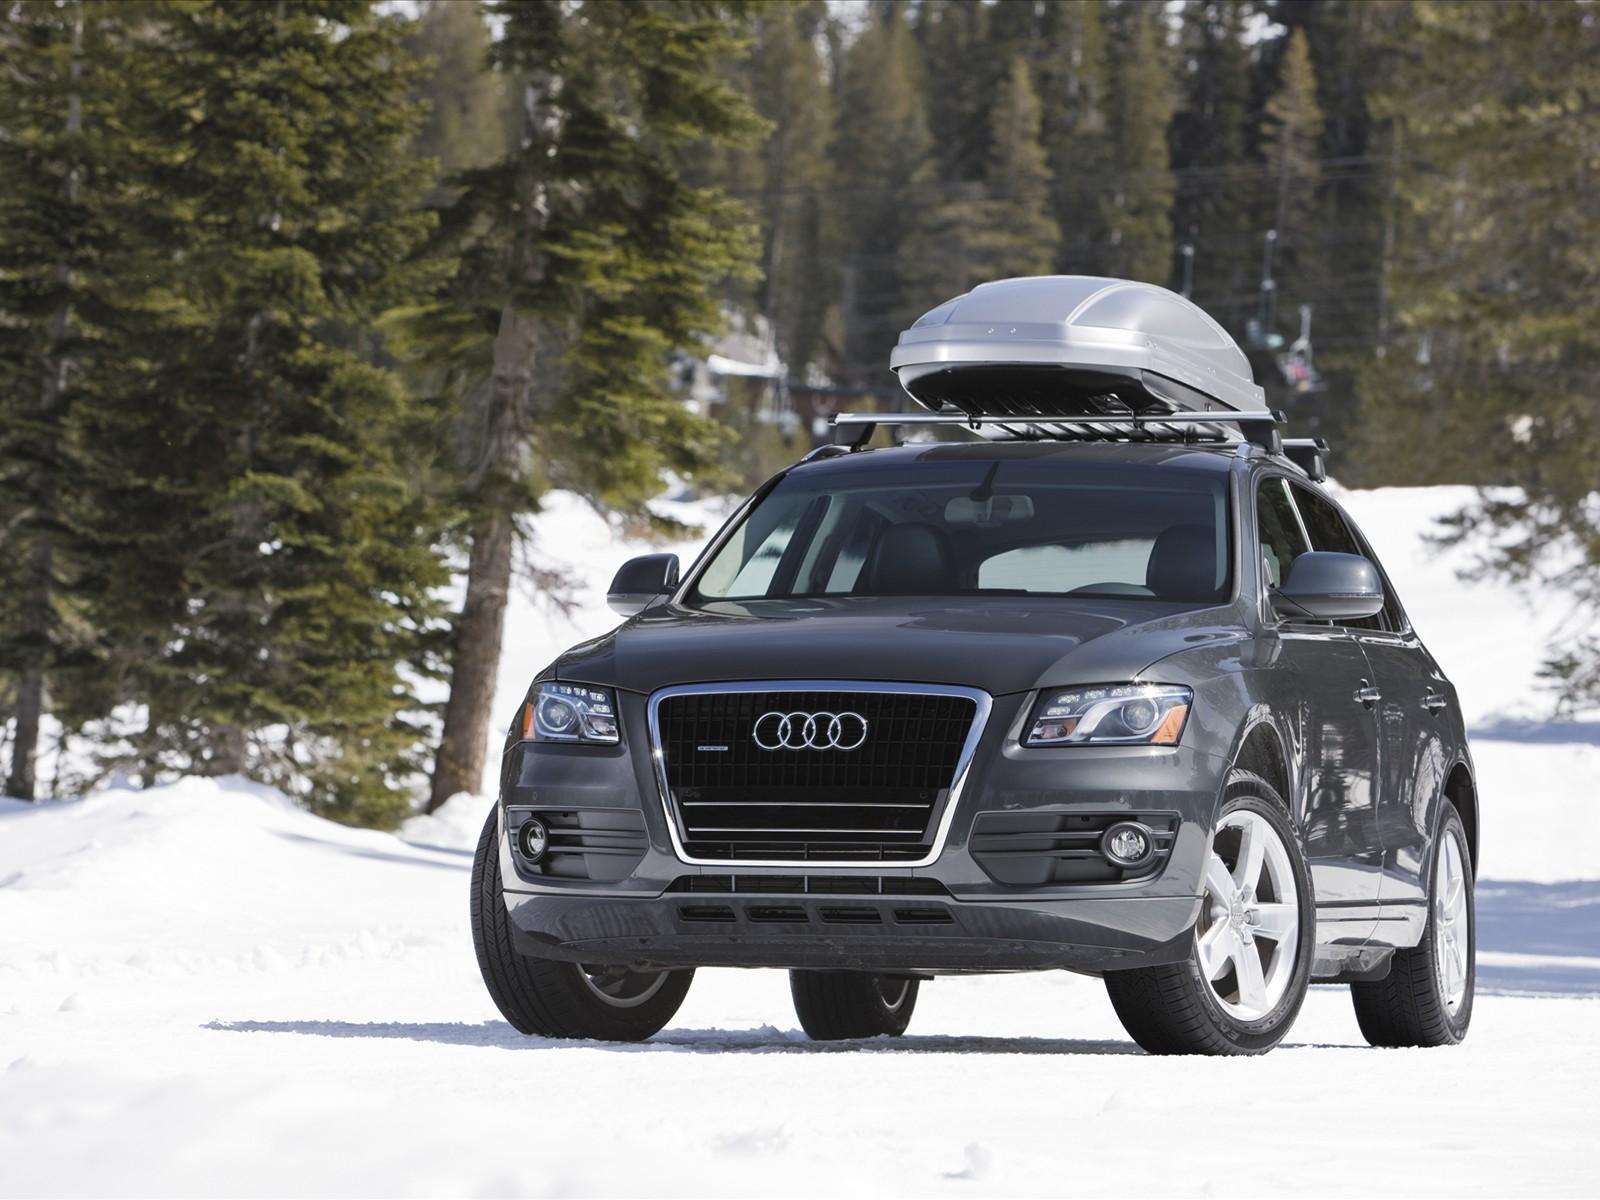 http://4.bp.blogspot.com/_J3_liDBfbvs/S-WIZvii22I/AAAAAAAAqrY/NPAMlOChrbs/s1600/2010-Audi-Q5-Car-Wallpaper.jpg